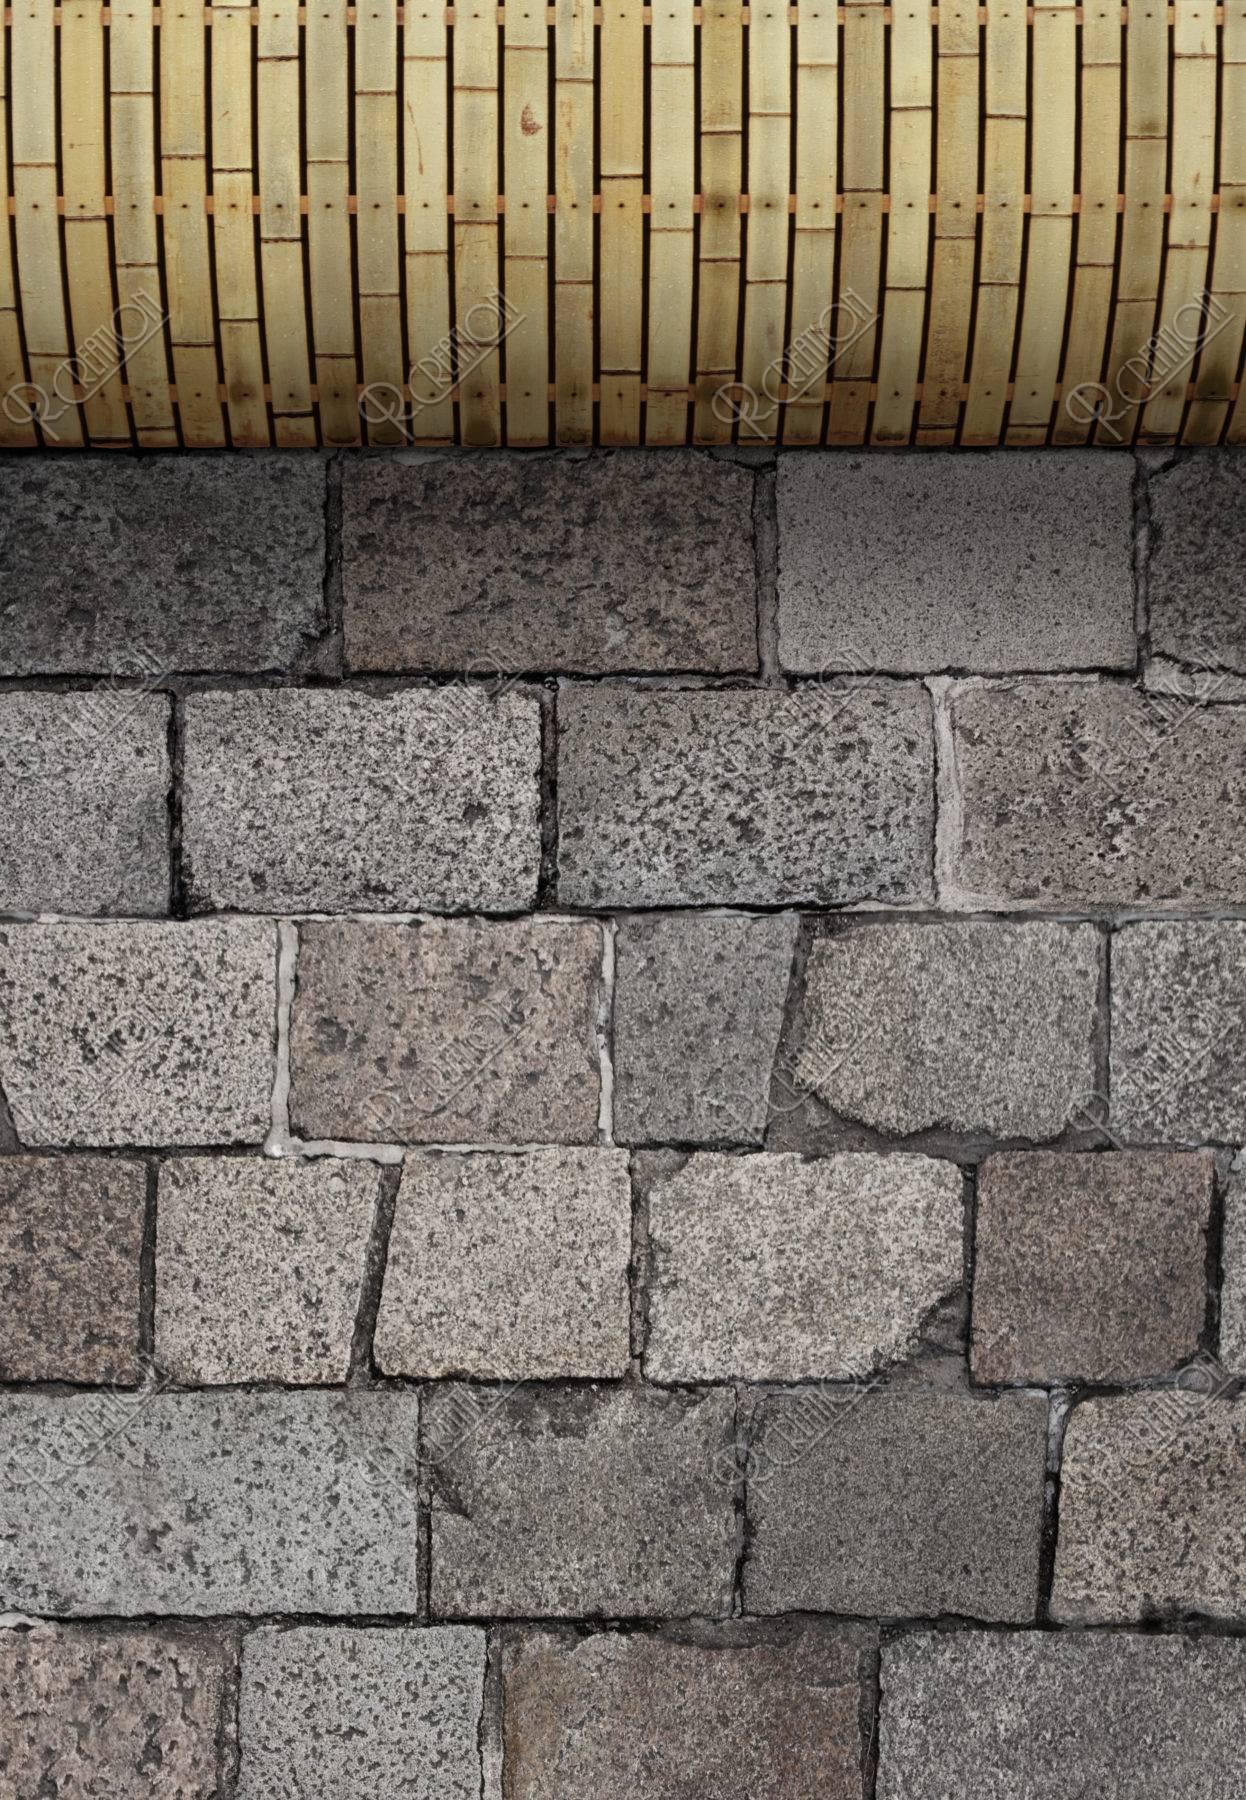 石畳と犬矢来のイメージ